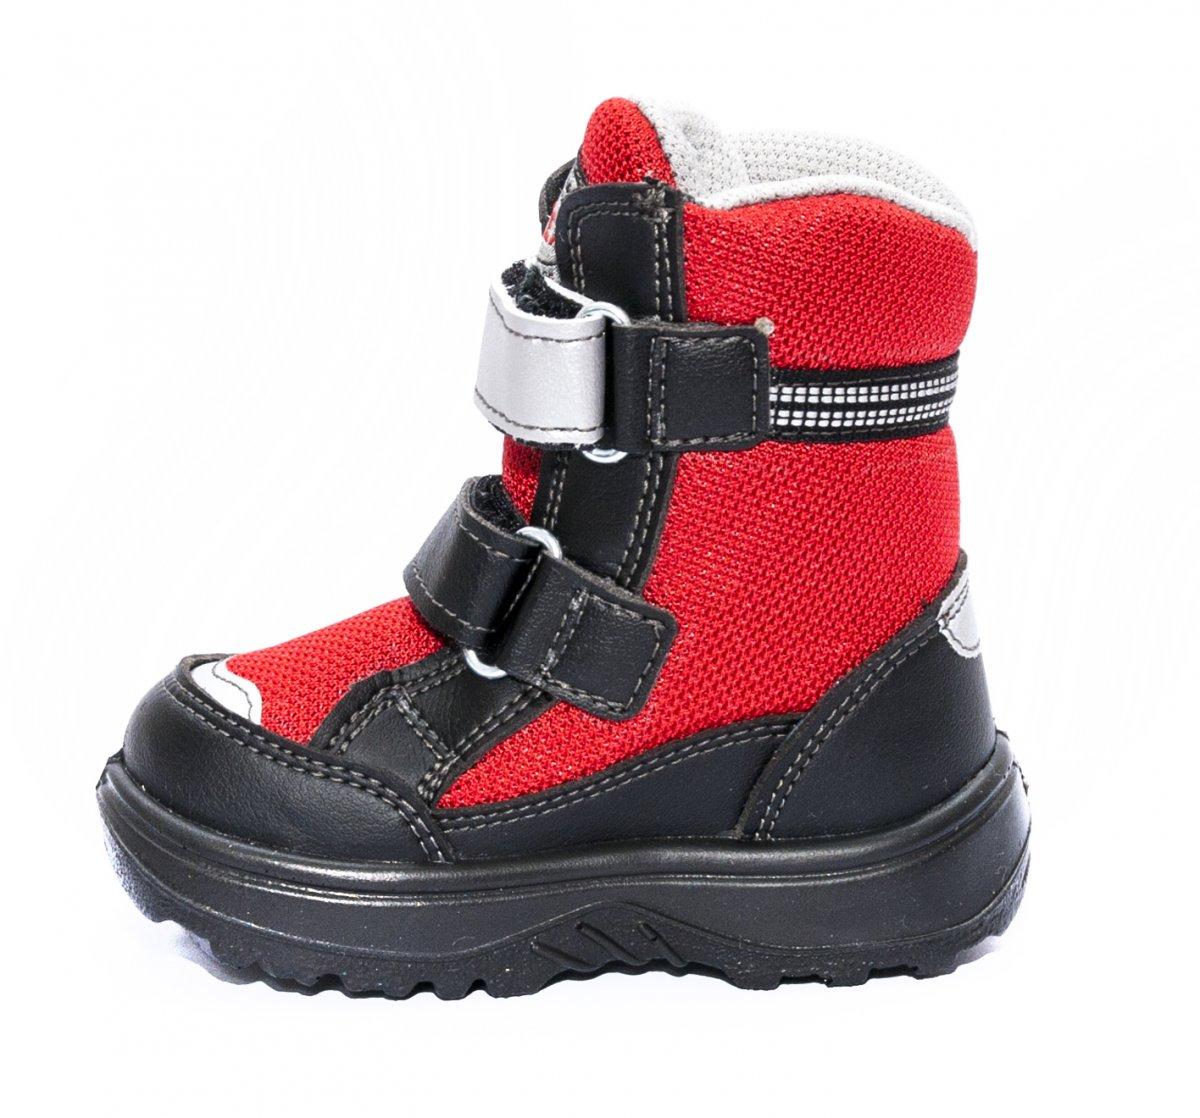 Ghete impermeabile copii cu blana gt-tex 93312 negru rosu 20-25